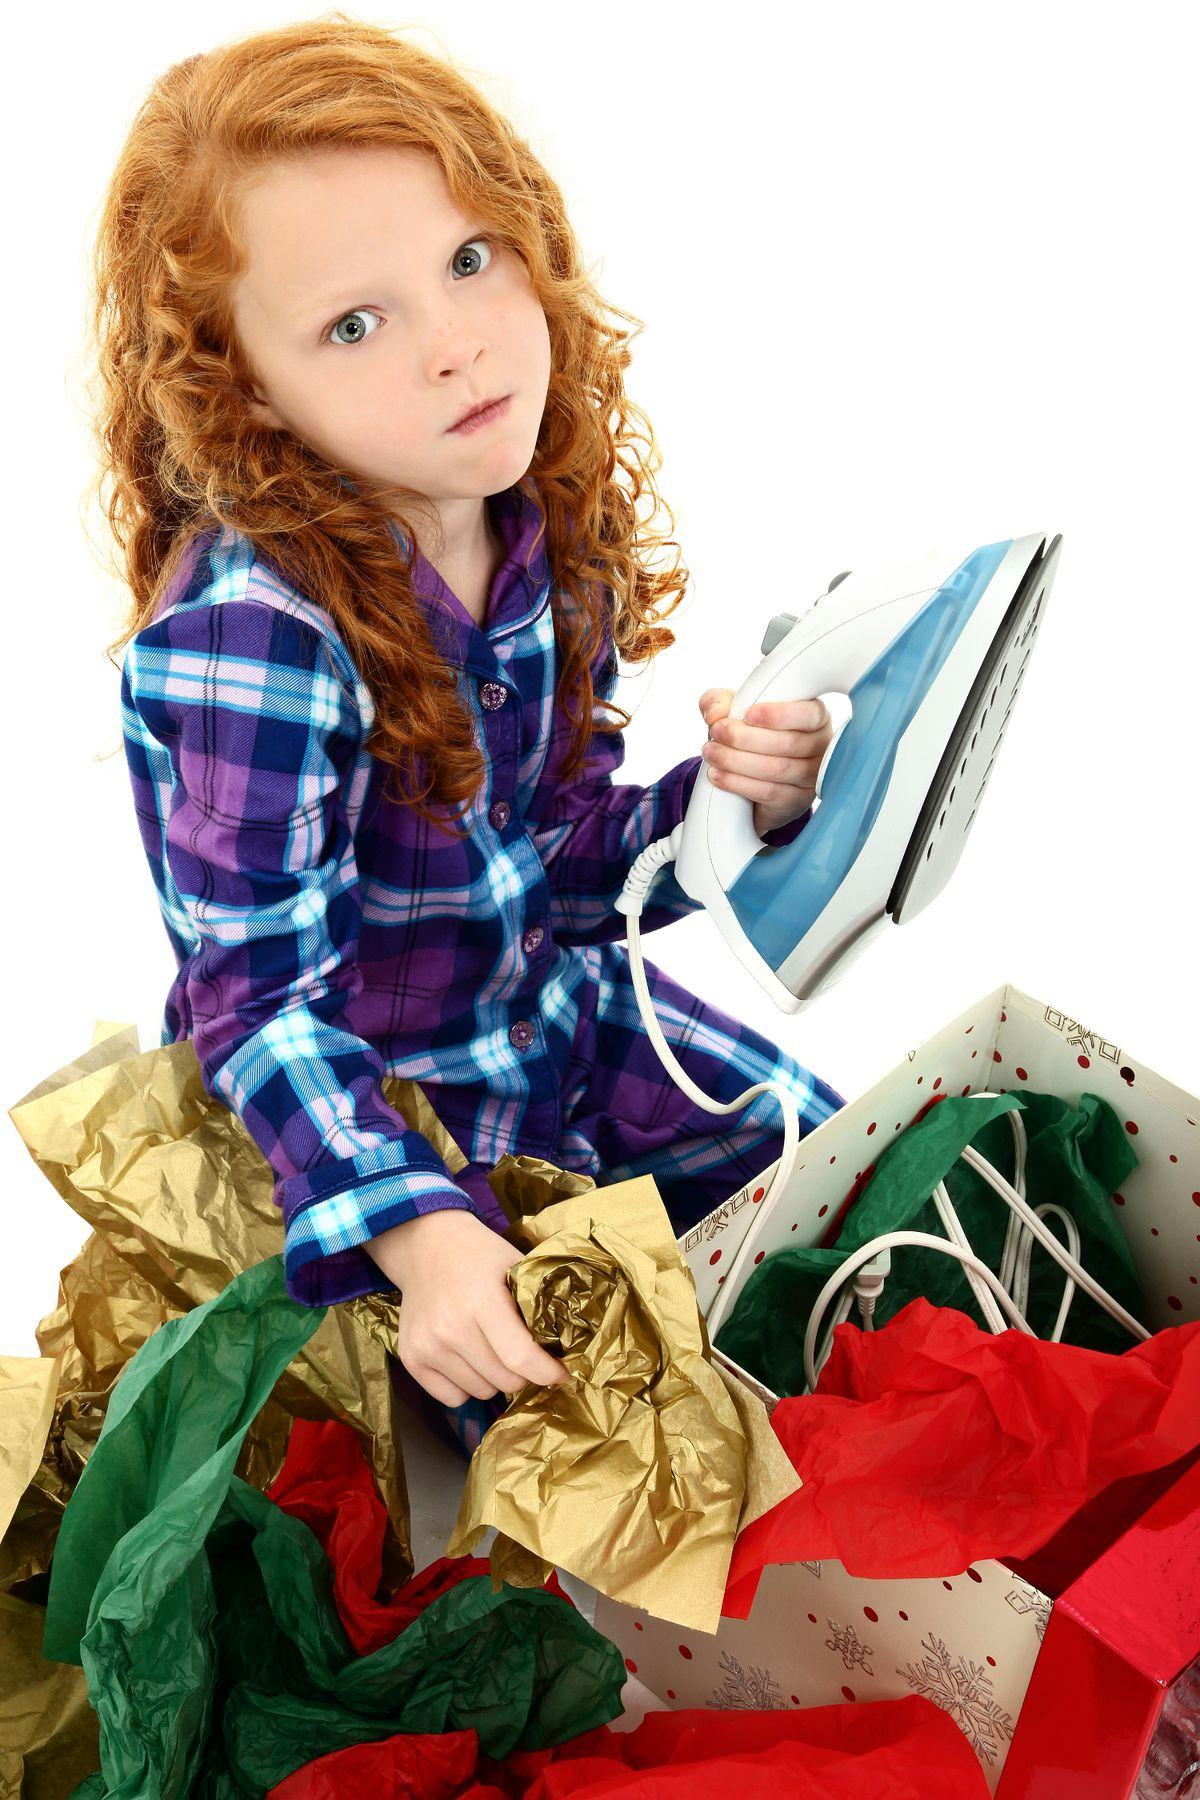 Neželaný darček nemožno bezdôvodne vrátiť + všetko o reklamácii ... 073d18c99dd